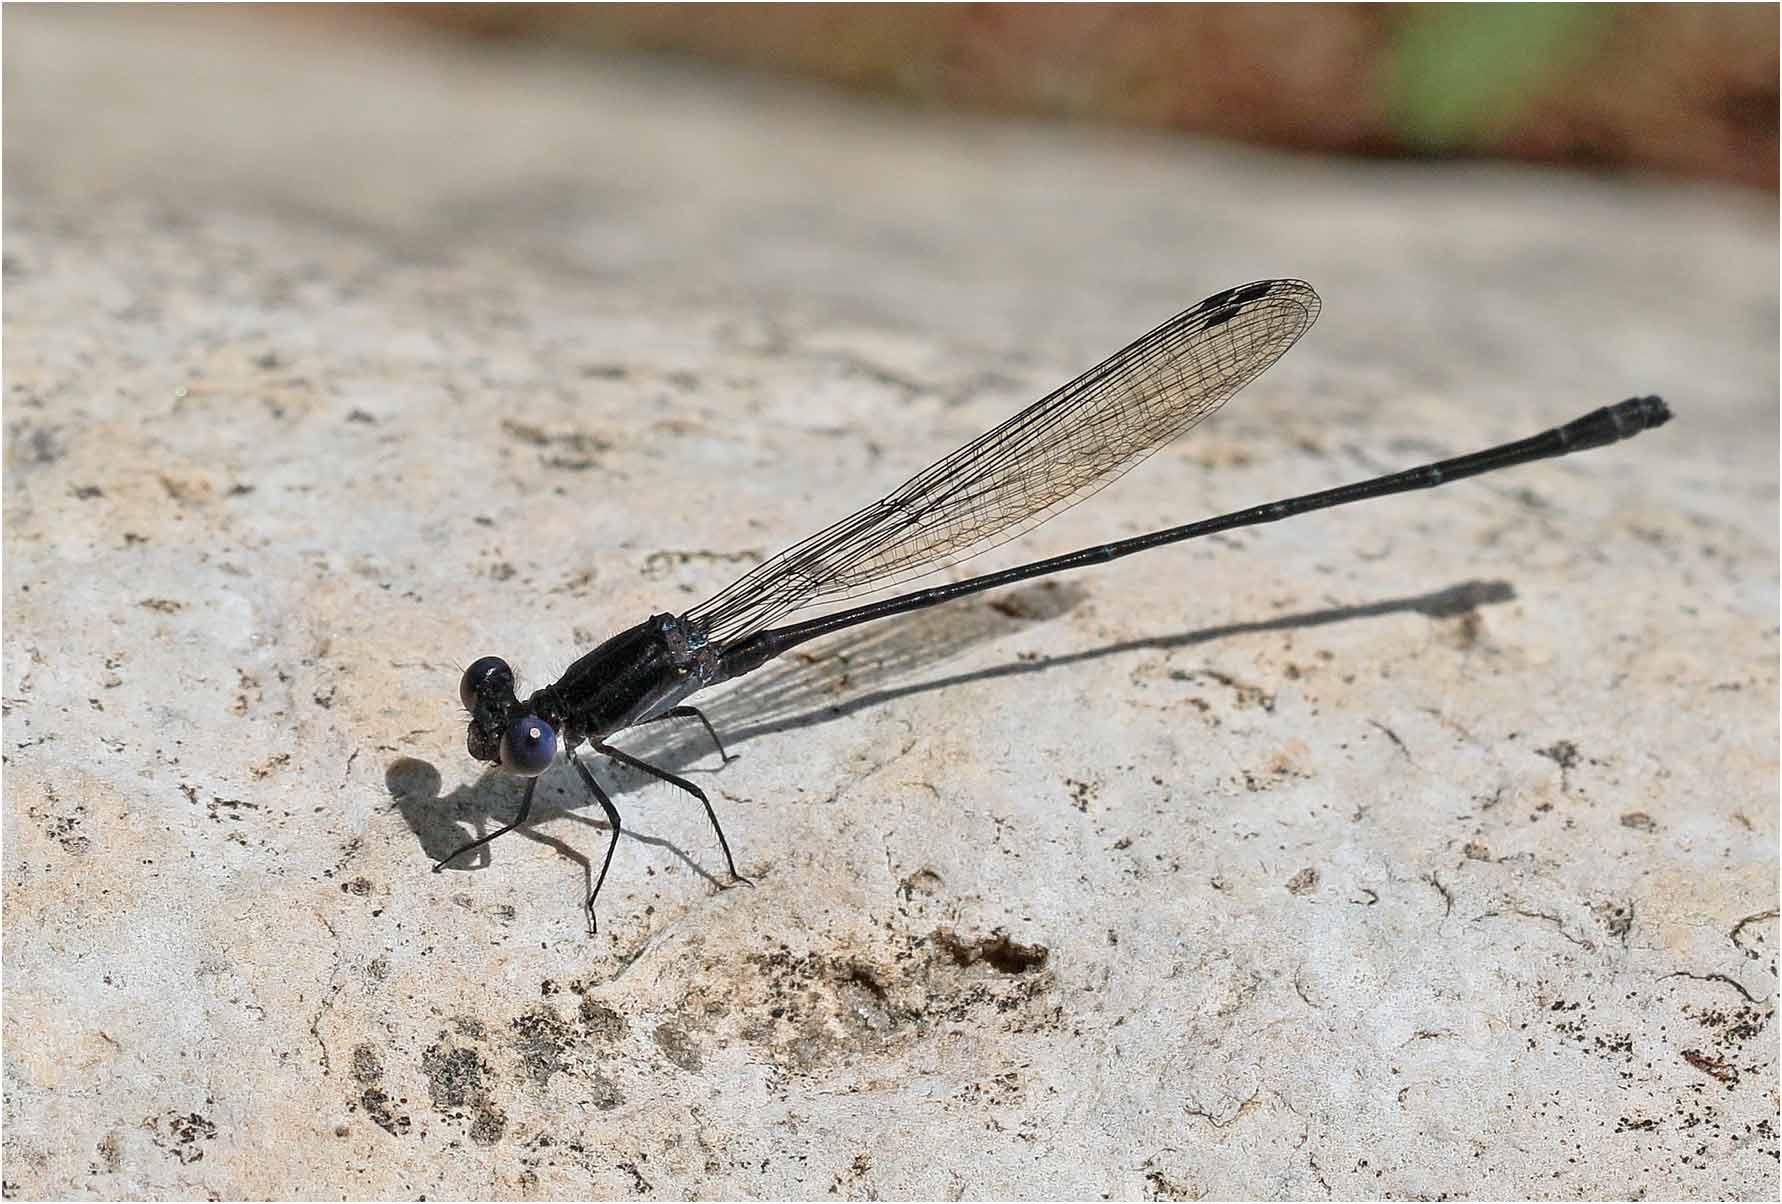 Argia translata mâle, Mexique, Palenque (Chiapas), Rio Chacamax, 29/10/20019